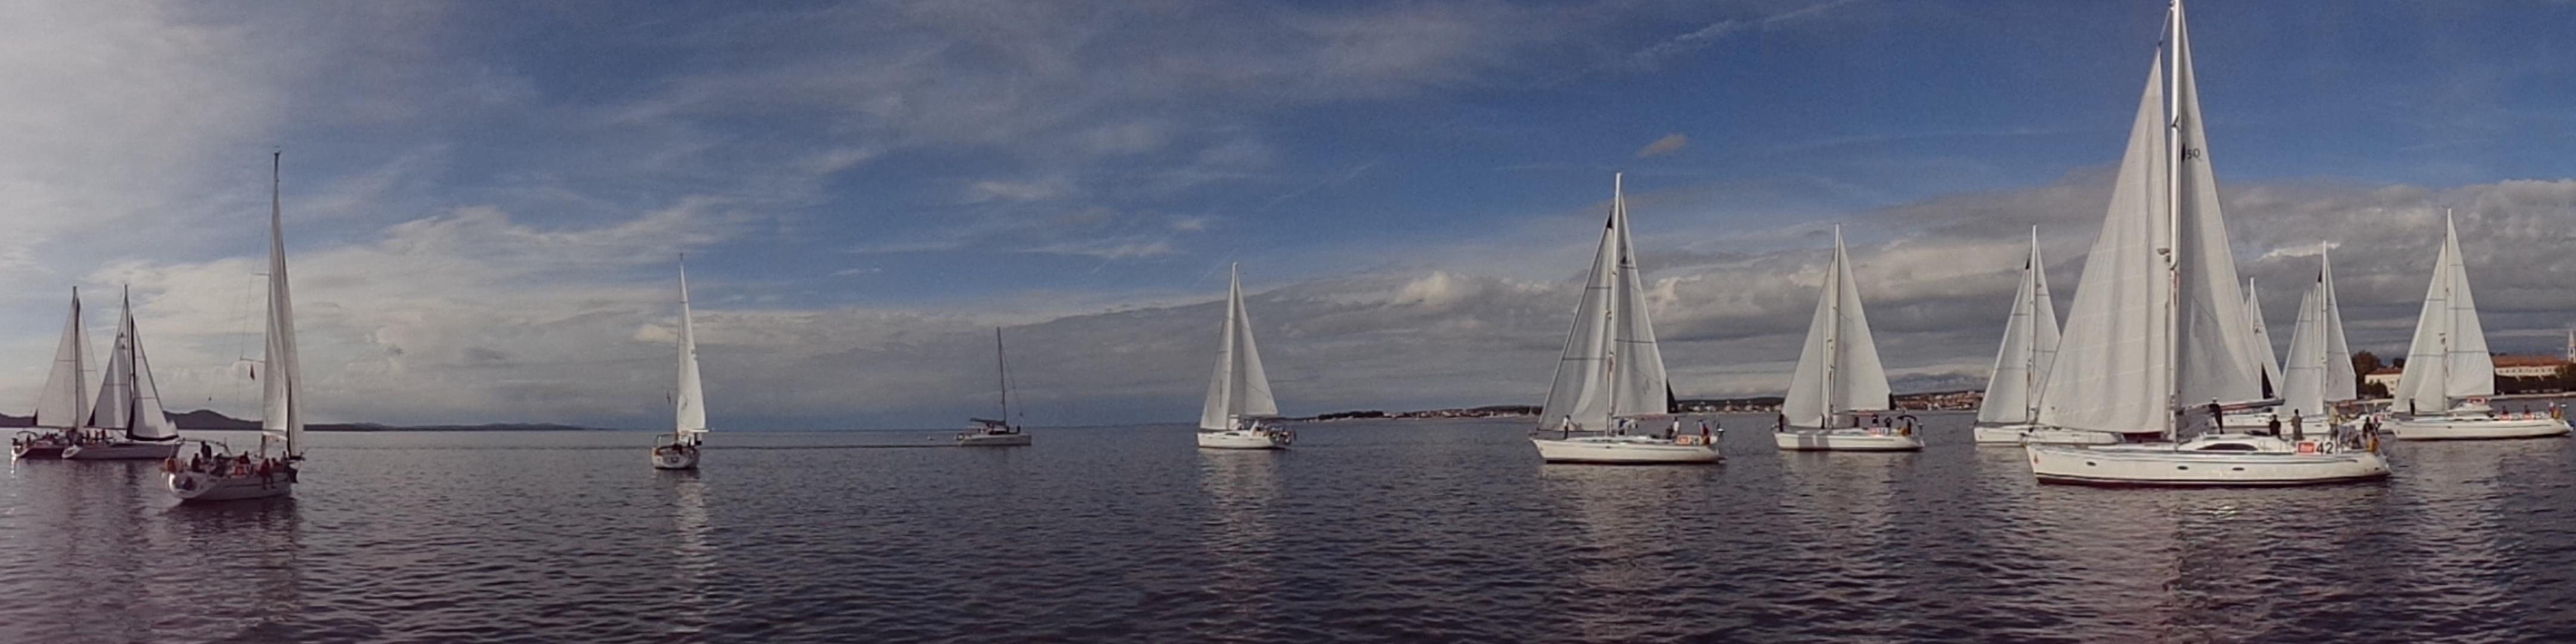 море воды док спорт лодка корабль средство передвижения Мачта Парусный спорт Яхта день отдыха Марина парусная